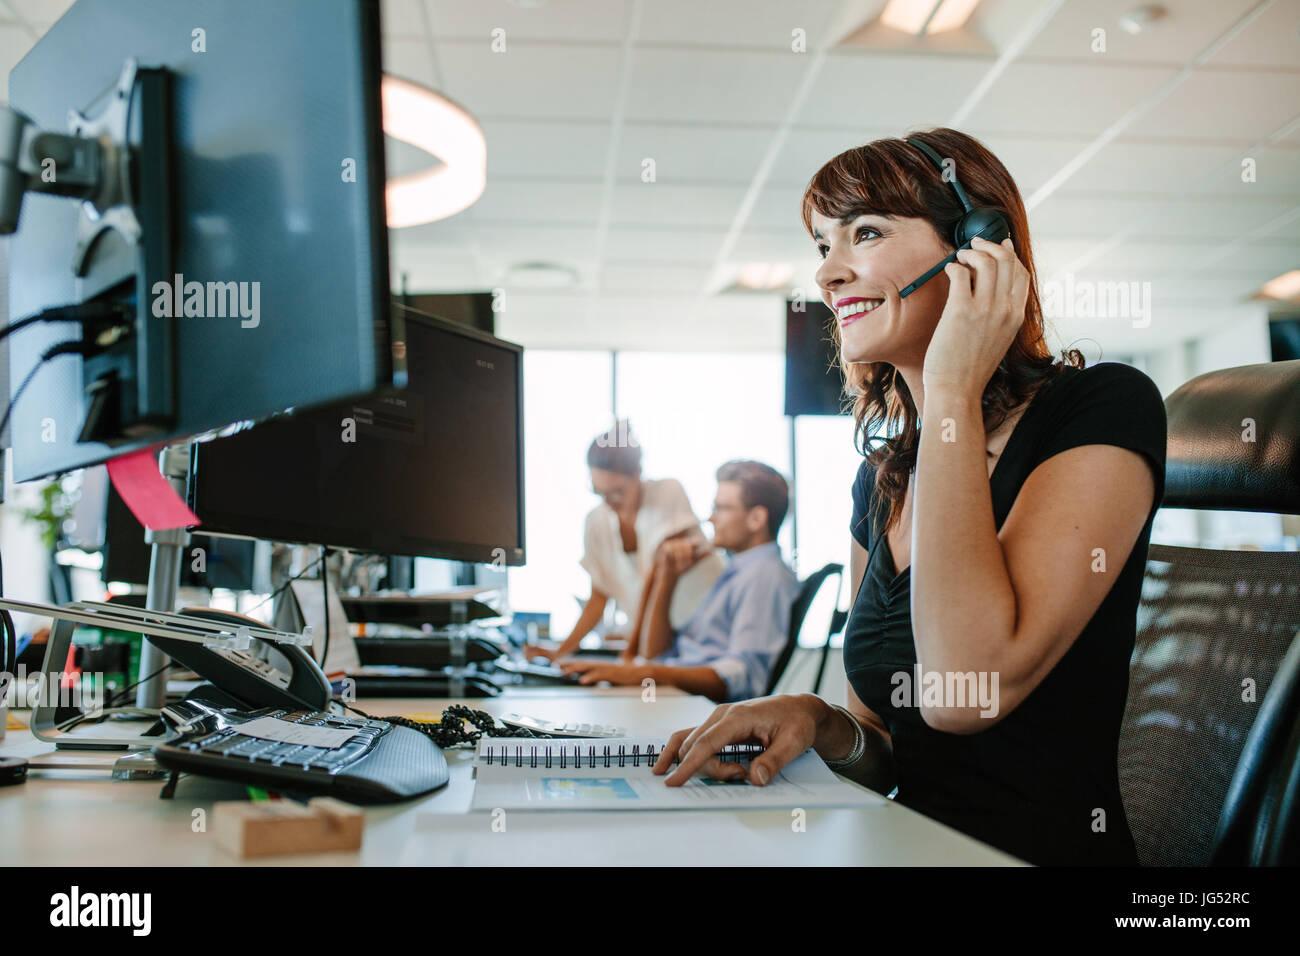 Lässige Geschäftsfrau arbeiten am Schreibtisch mit Computer und Kopfhörer im Büro. Frau sitzt Stockbild